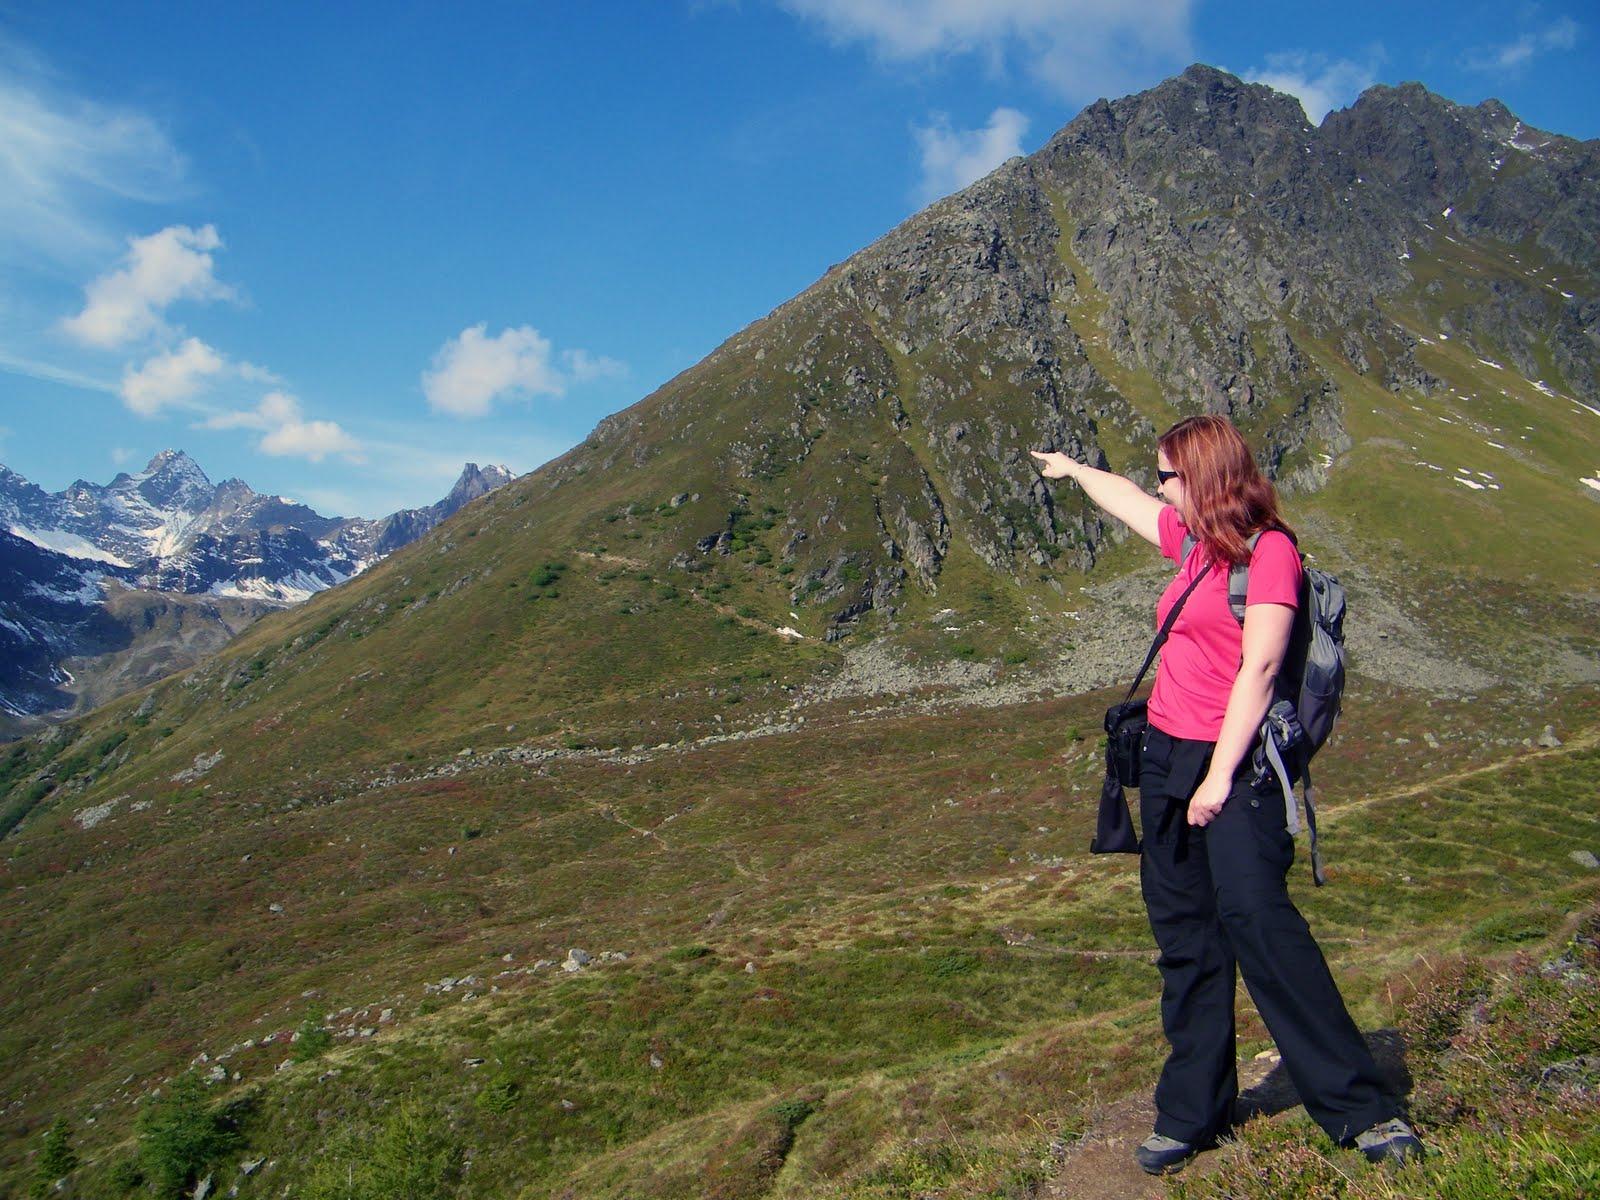 5 motywacyjnych kłamstw, które usłyszysz na szlaku blog góry lifestyle turystyka